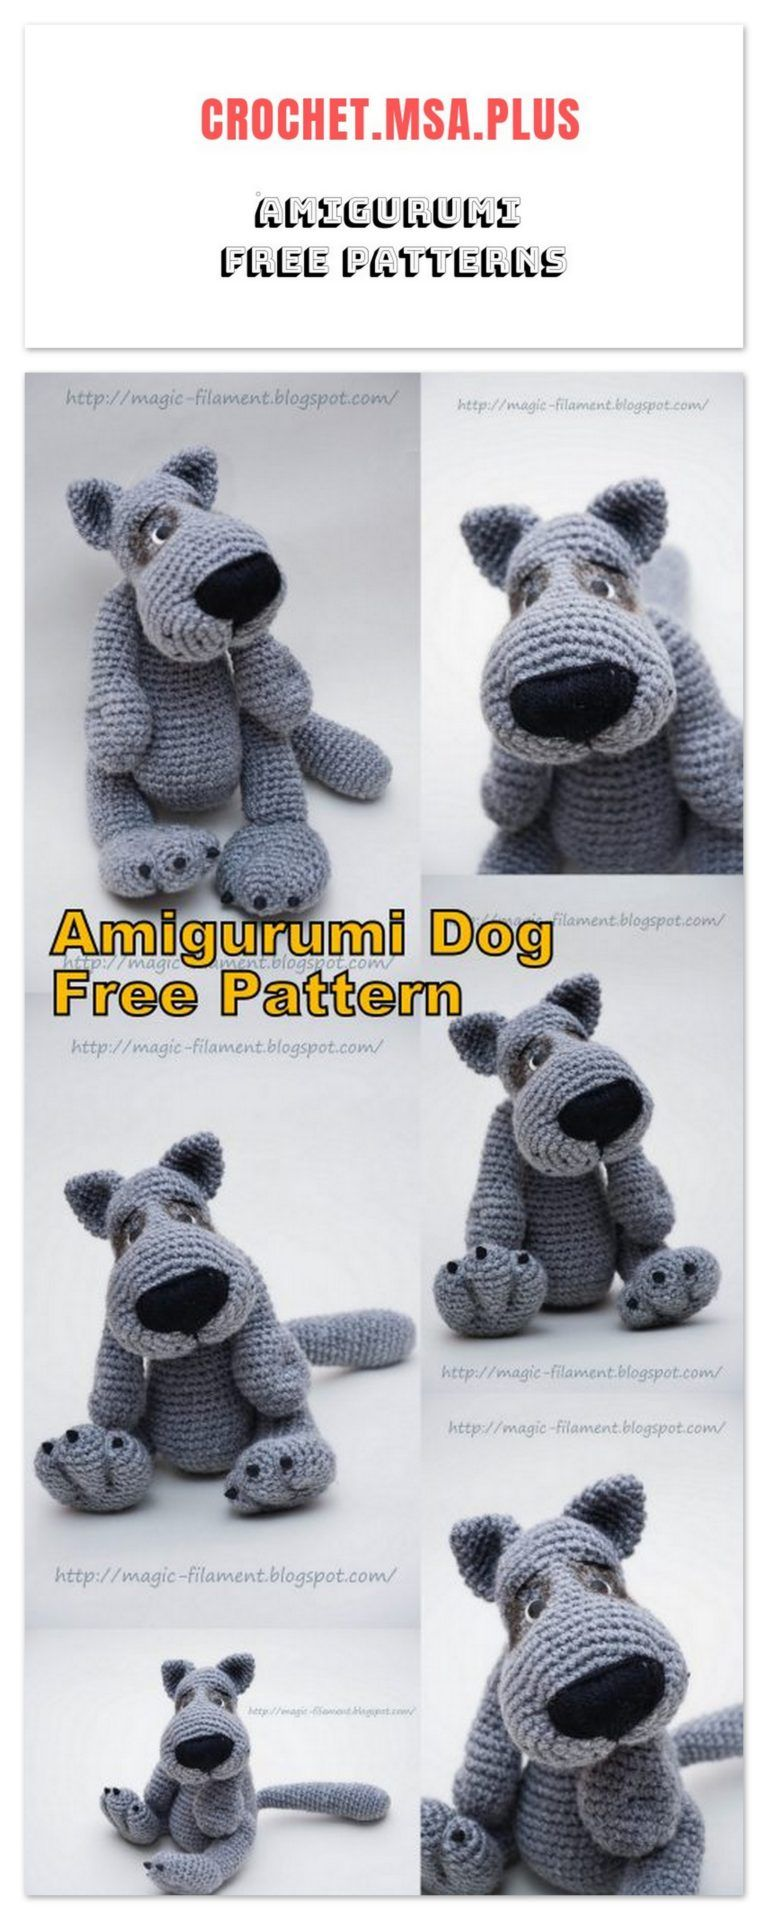 Dog Crochet Pattern Pinterest Top Pins Video Tutorial | Crochet ... | 1920x768